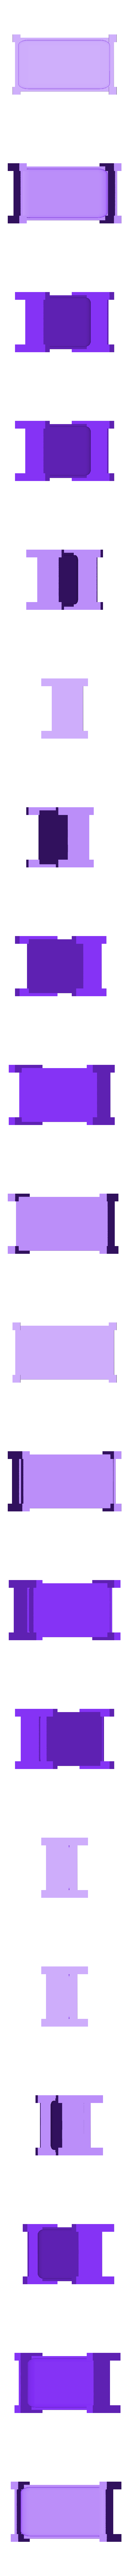 Luis_Furniture_bed_3.stl Télécharger fichier STL gratuit Ensemble de meubles inspiré par Wolfenstein pour le jeu de guerre • Modèle pour imprimante 3D, El_Mutanto